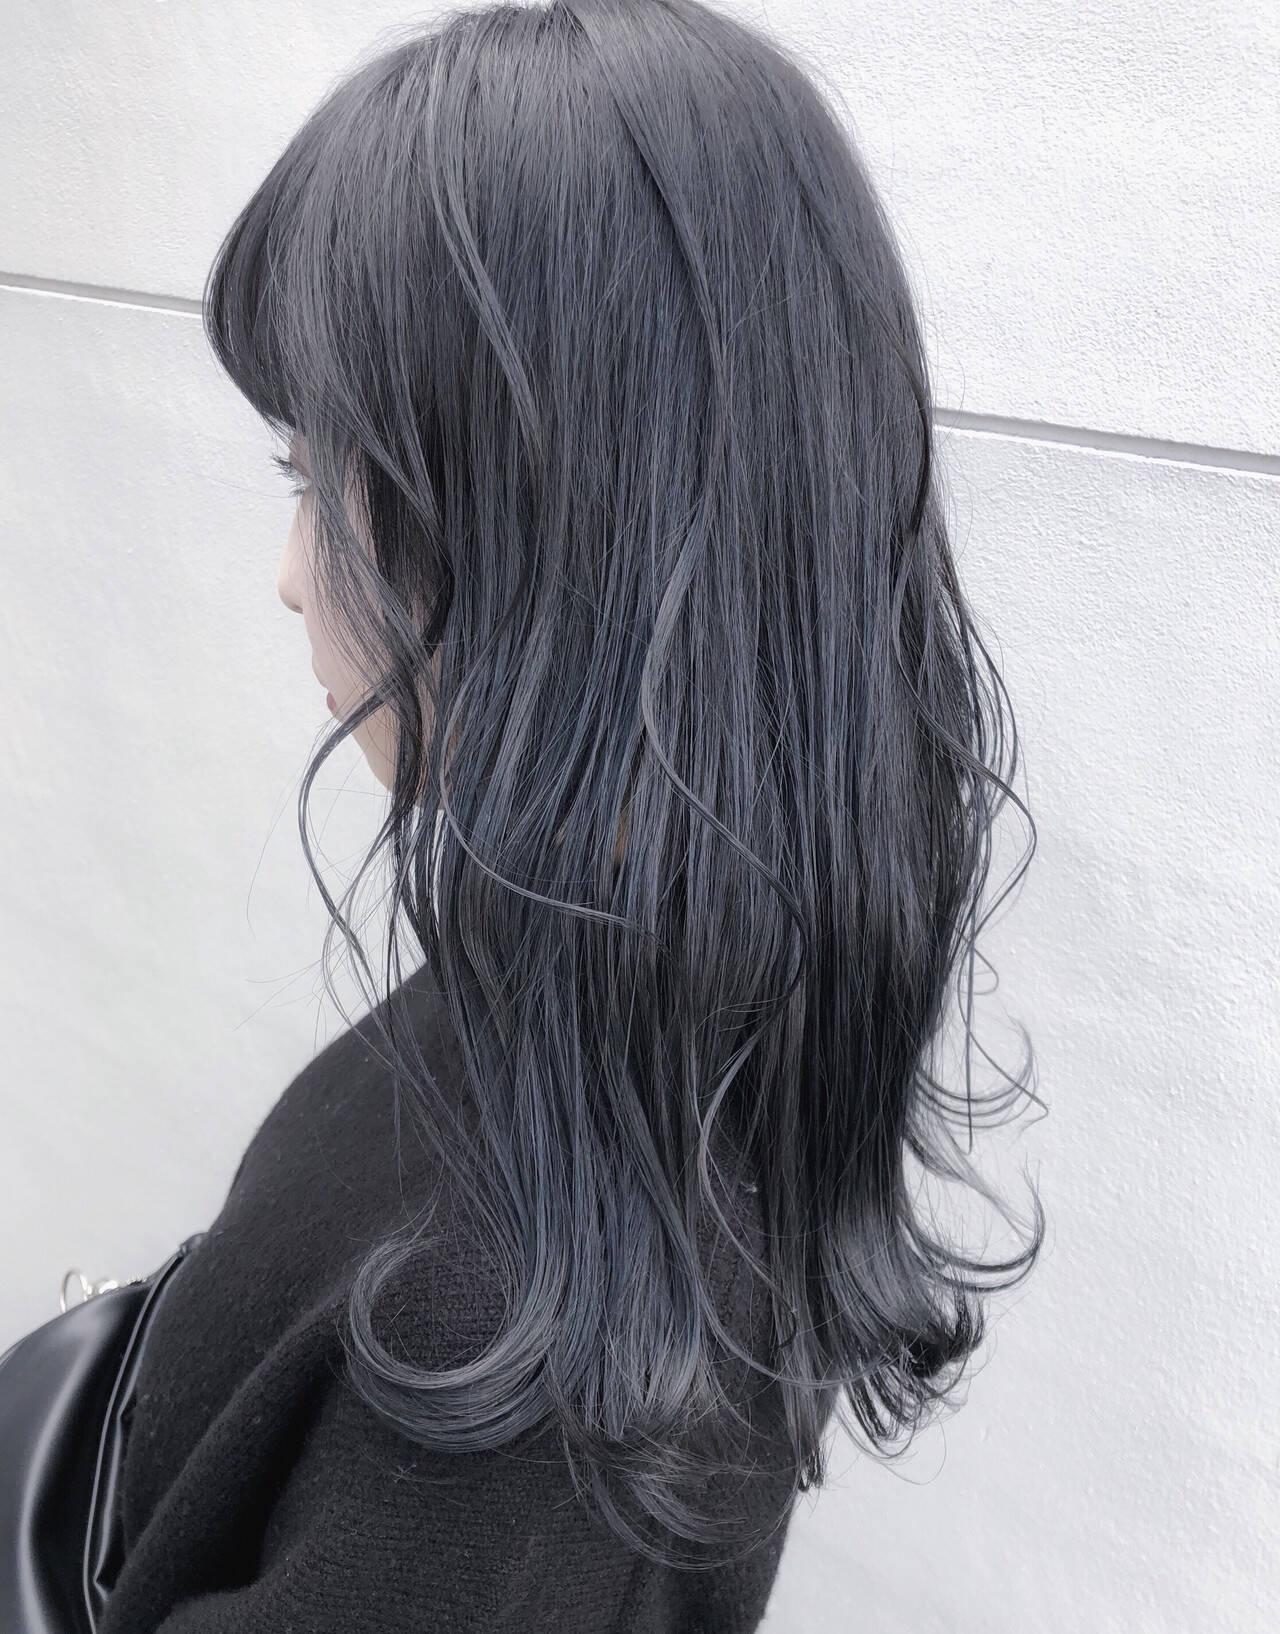 暗髪 セミロング ナチュラル ネイビーアッシュヘアスタイルや髪型の写真・画像